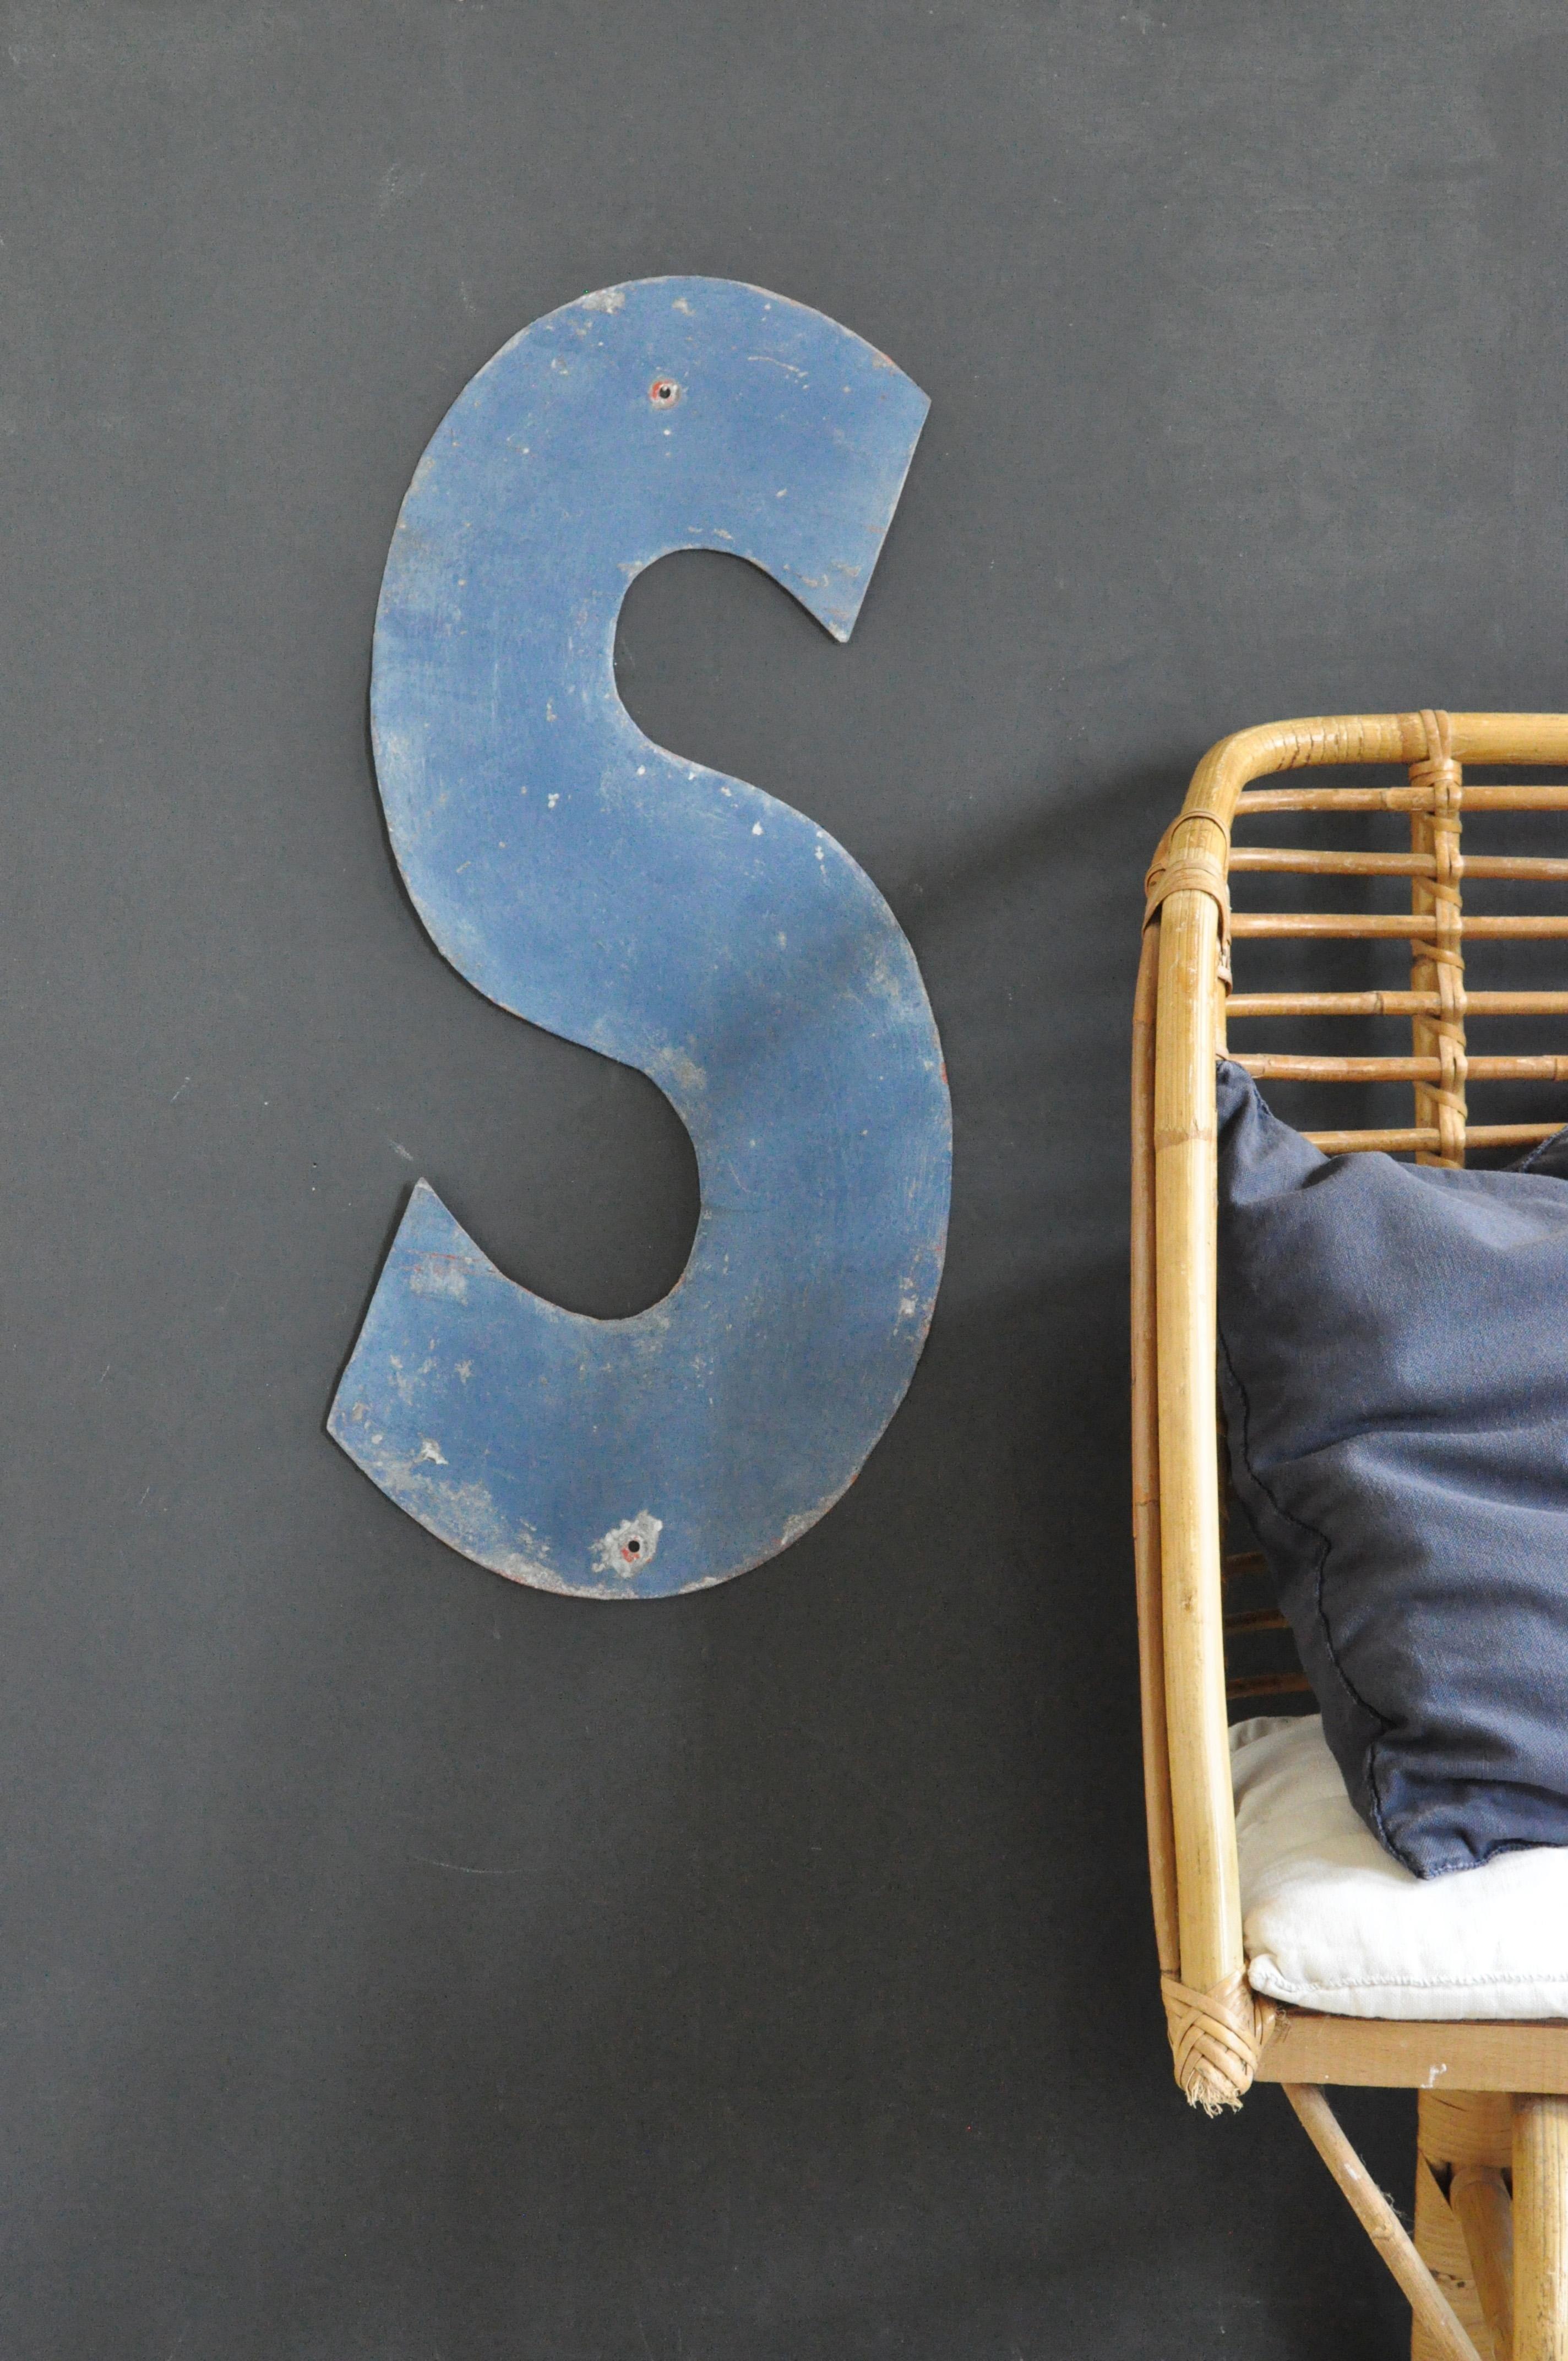 lettre d enseigne le vide grenier d 39 une parisienne. Black Bedroom Furniture Sets. Home Design Ideas